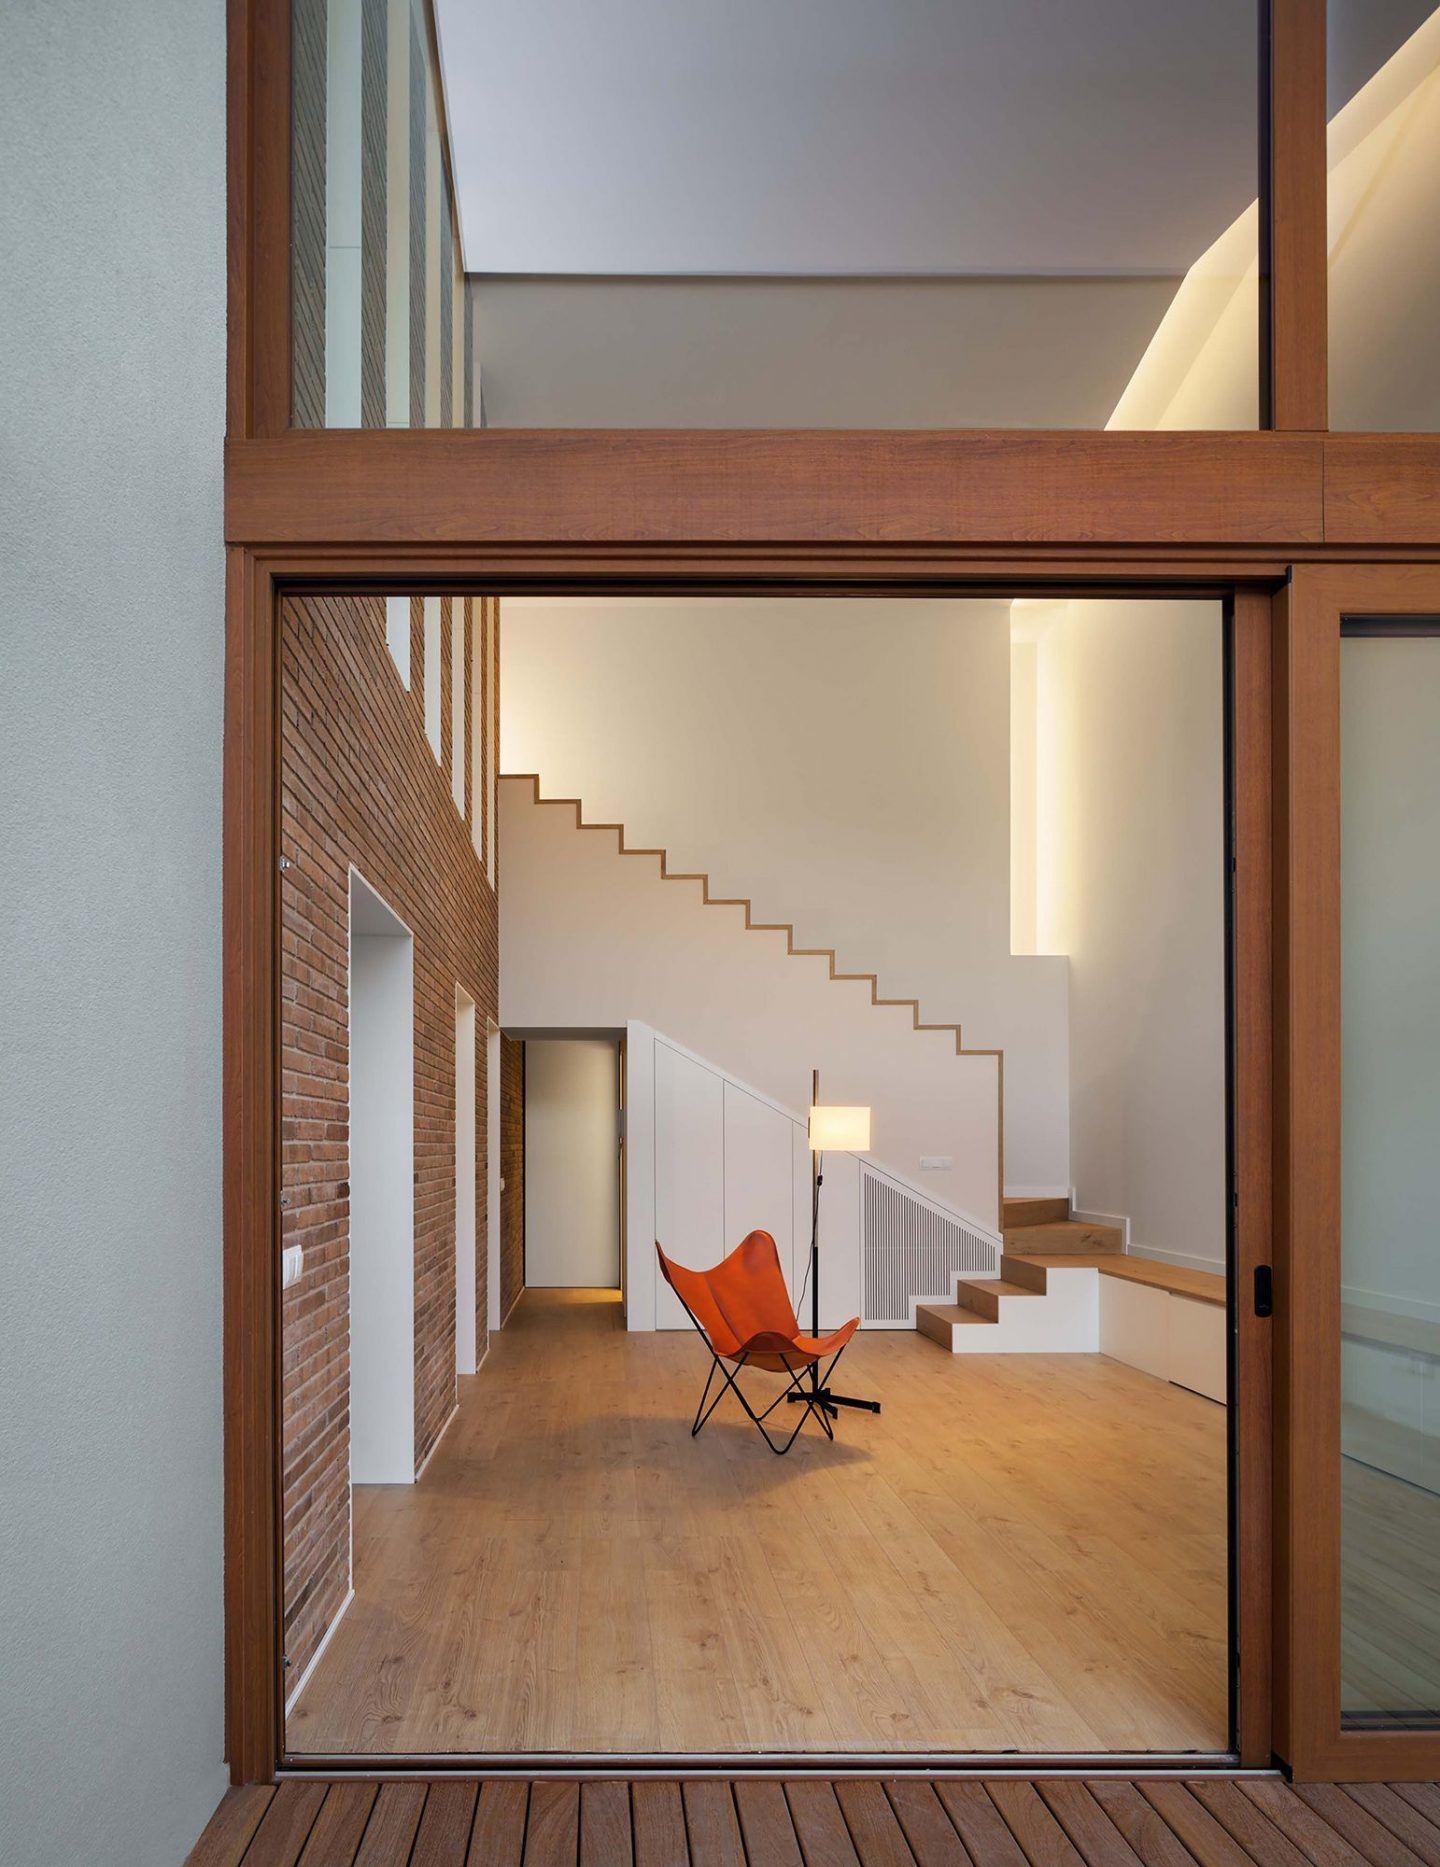 IGNANT-Architecture-Hiha-Studio-Cal-Jordianna-8